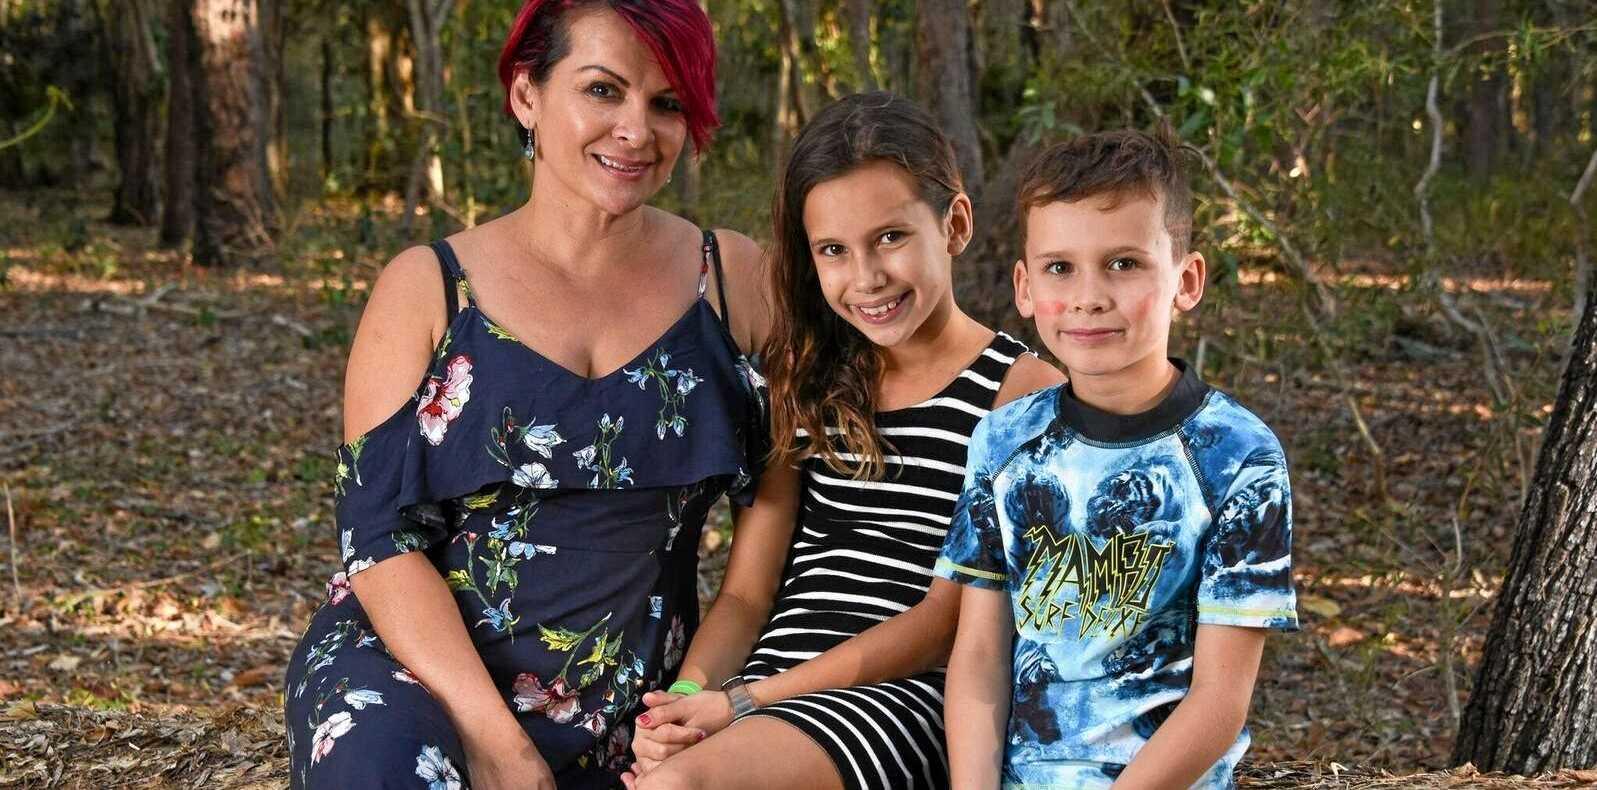 Supranee Radosevich and her children Chloe, 10 and Jayden, 8.